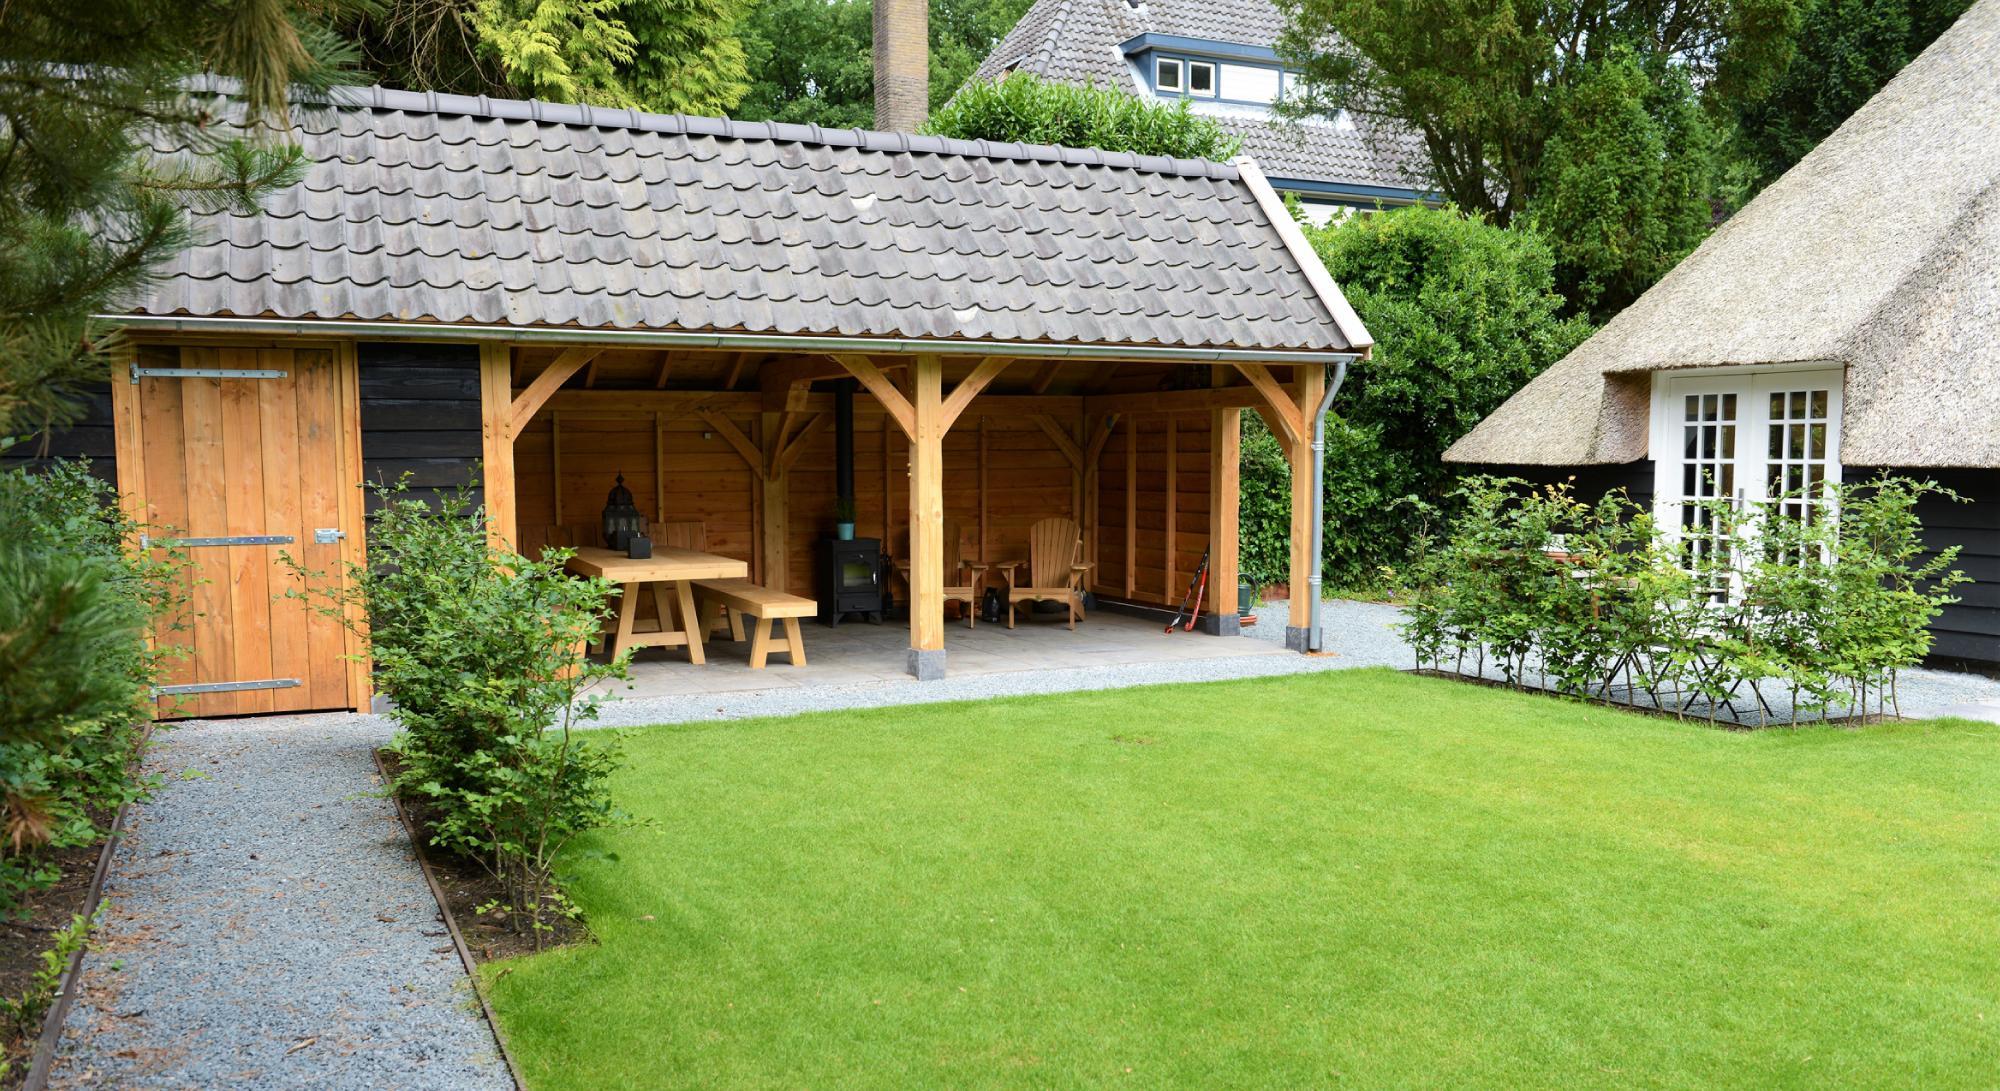 Villatuin met eikenhouten kapschuur  - Foto 5